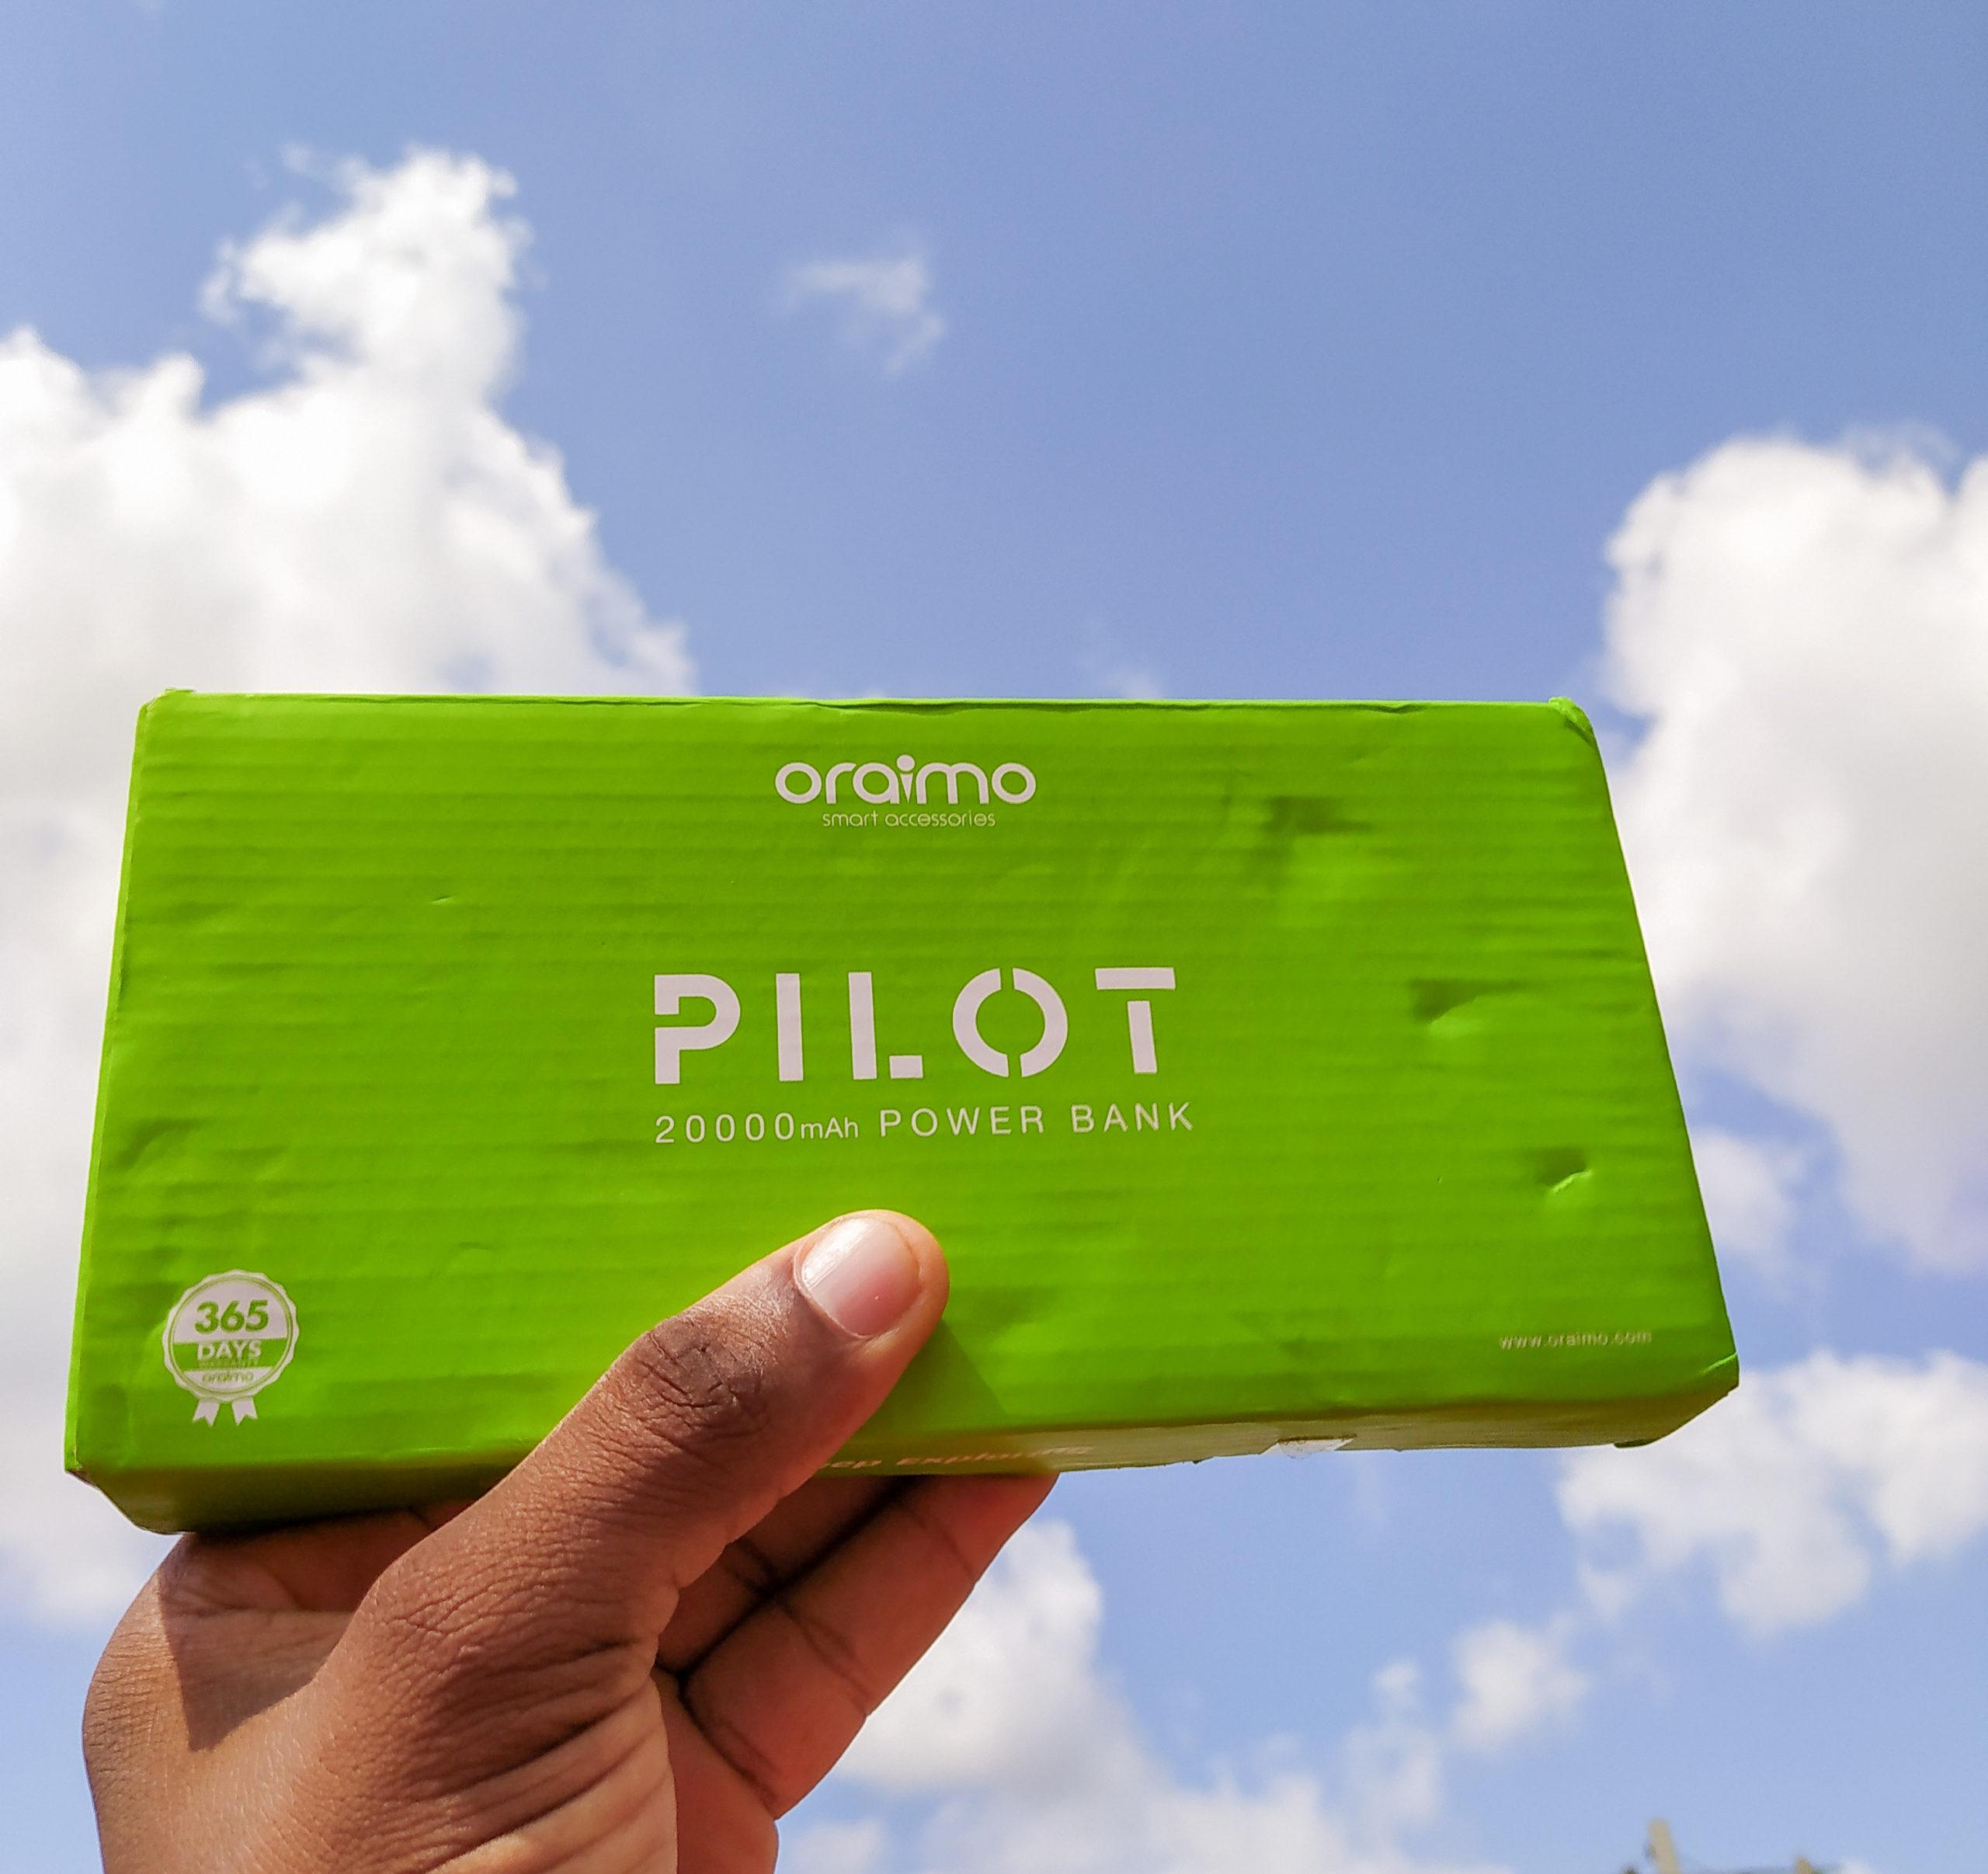 Oraimo Pilot 20000mAh Power Bank